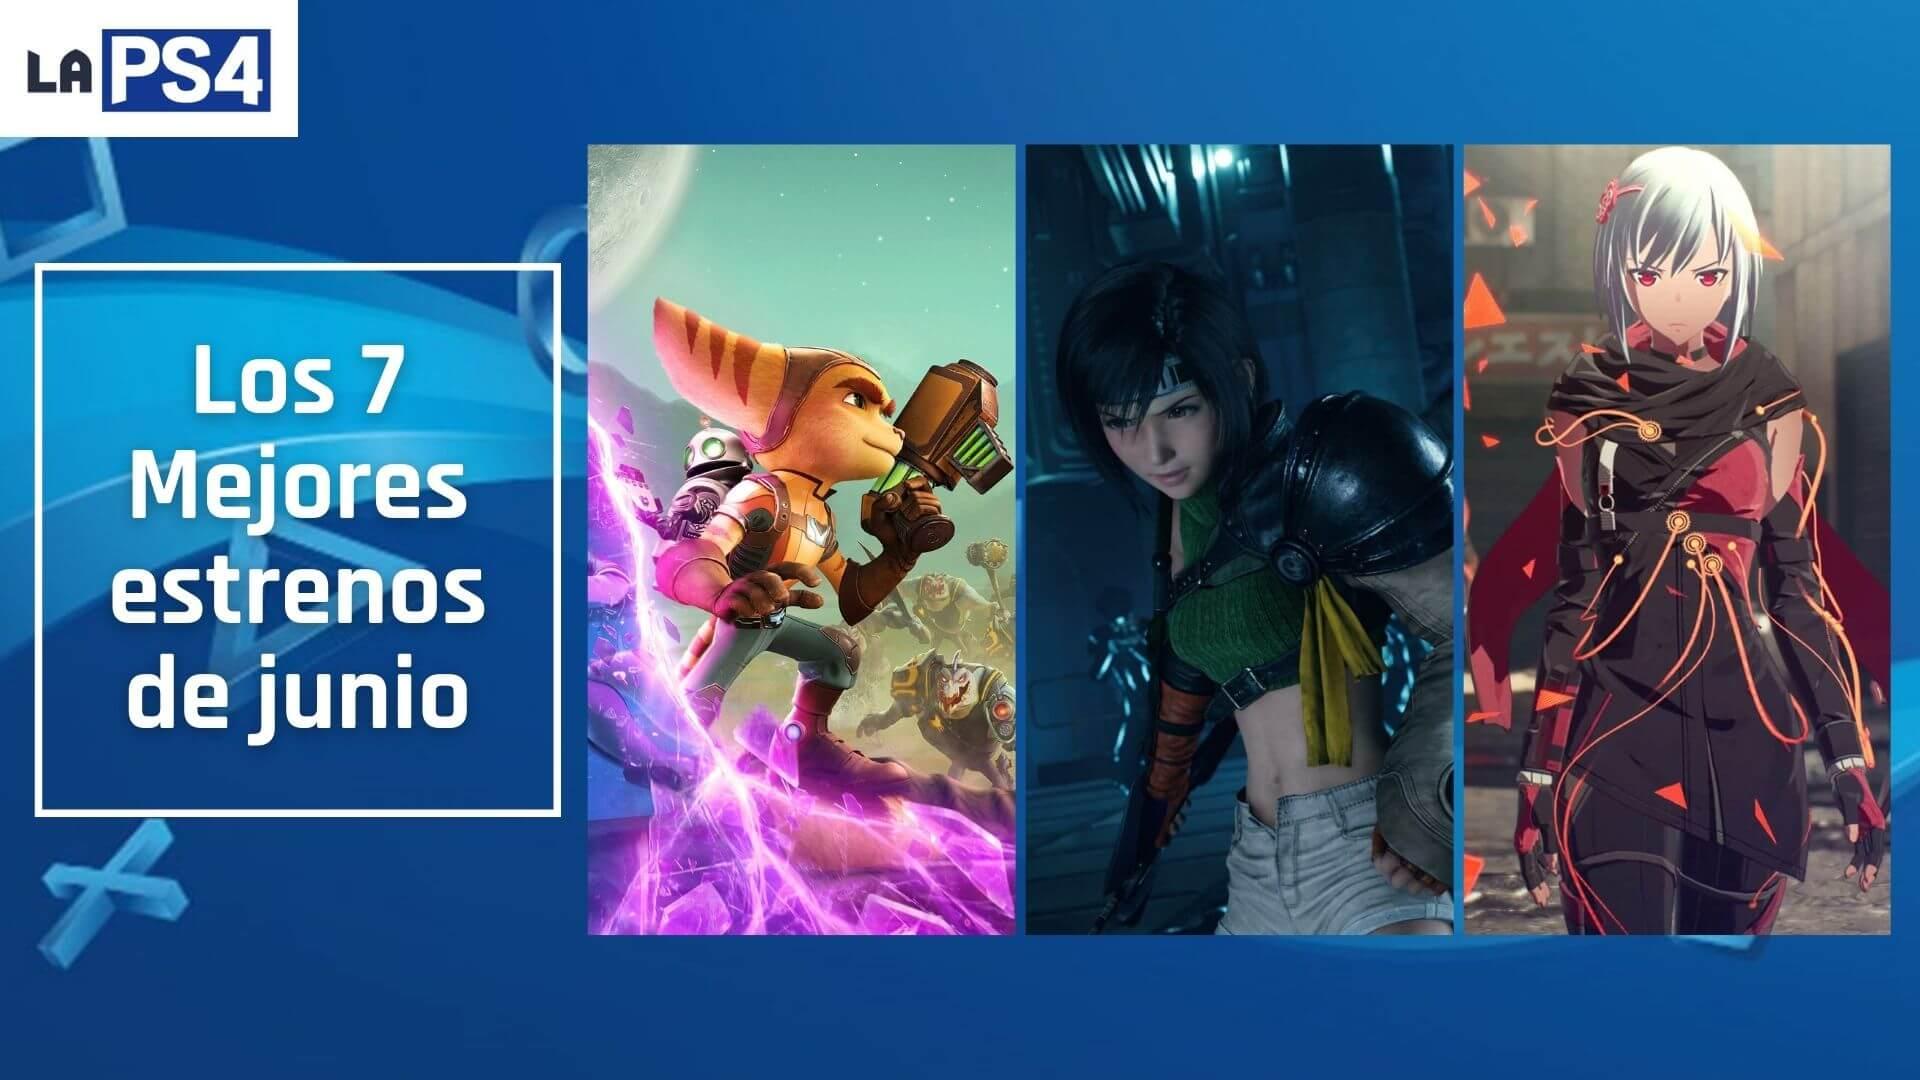 Los mejores 7 lanzamientos de junio en PlayStation